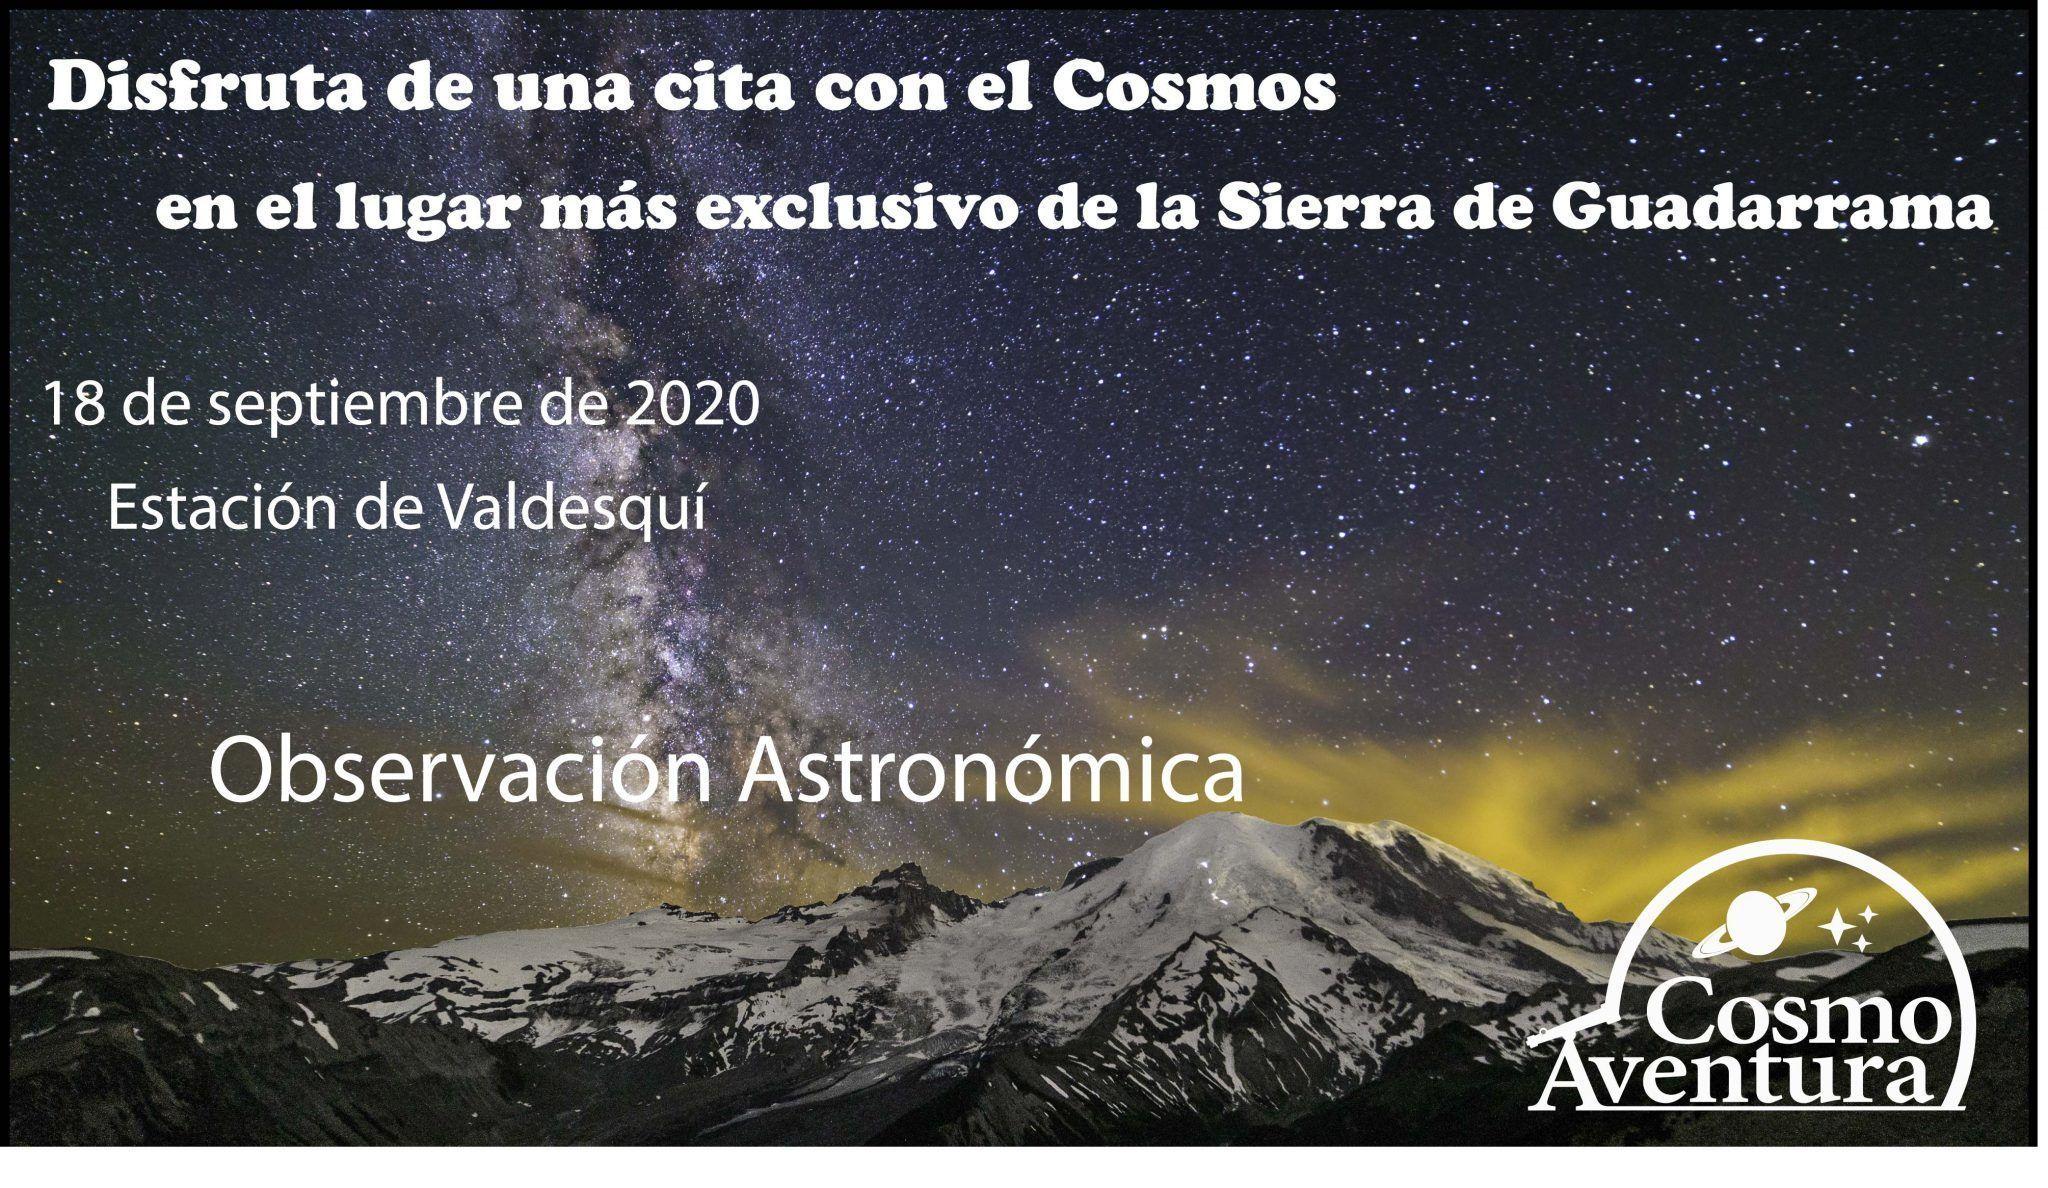 (COMPLETO) 18-09-2020.- Observación Astronómica en el lugar más exclusivo de Madrid: La Estación de Valdesquí